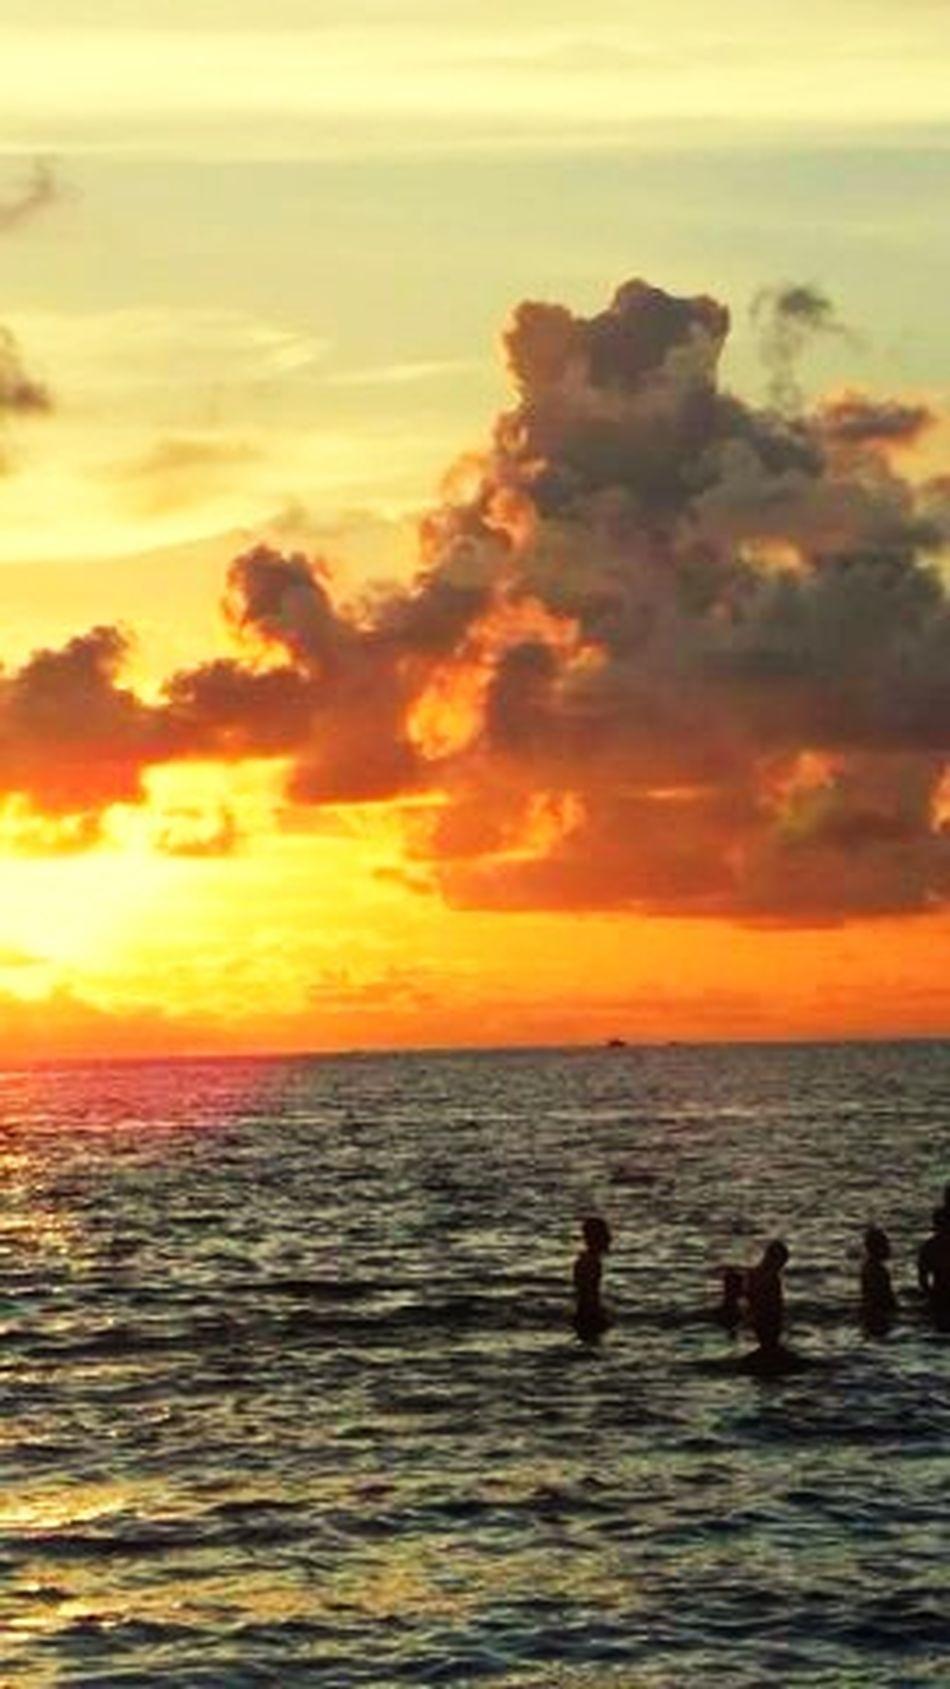 Sunset Indonesia_manado Potrait